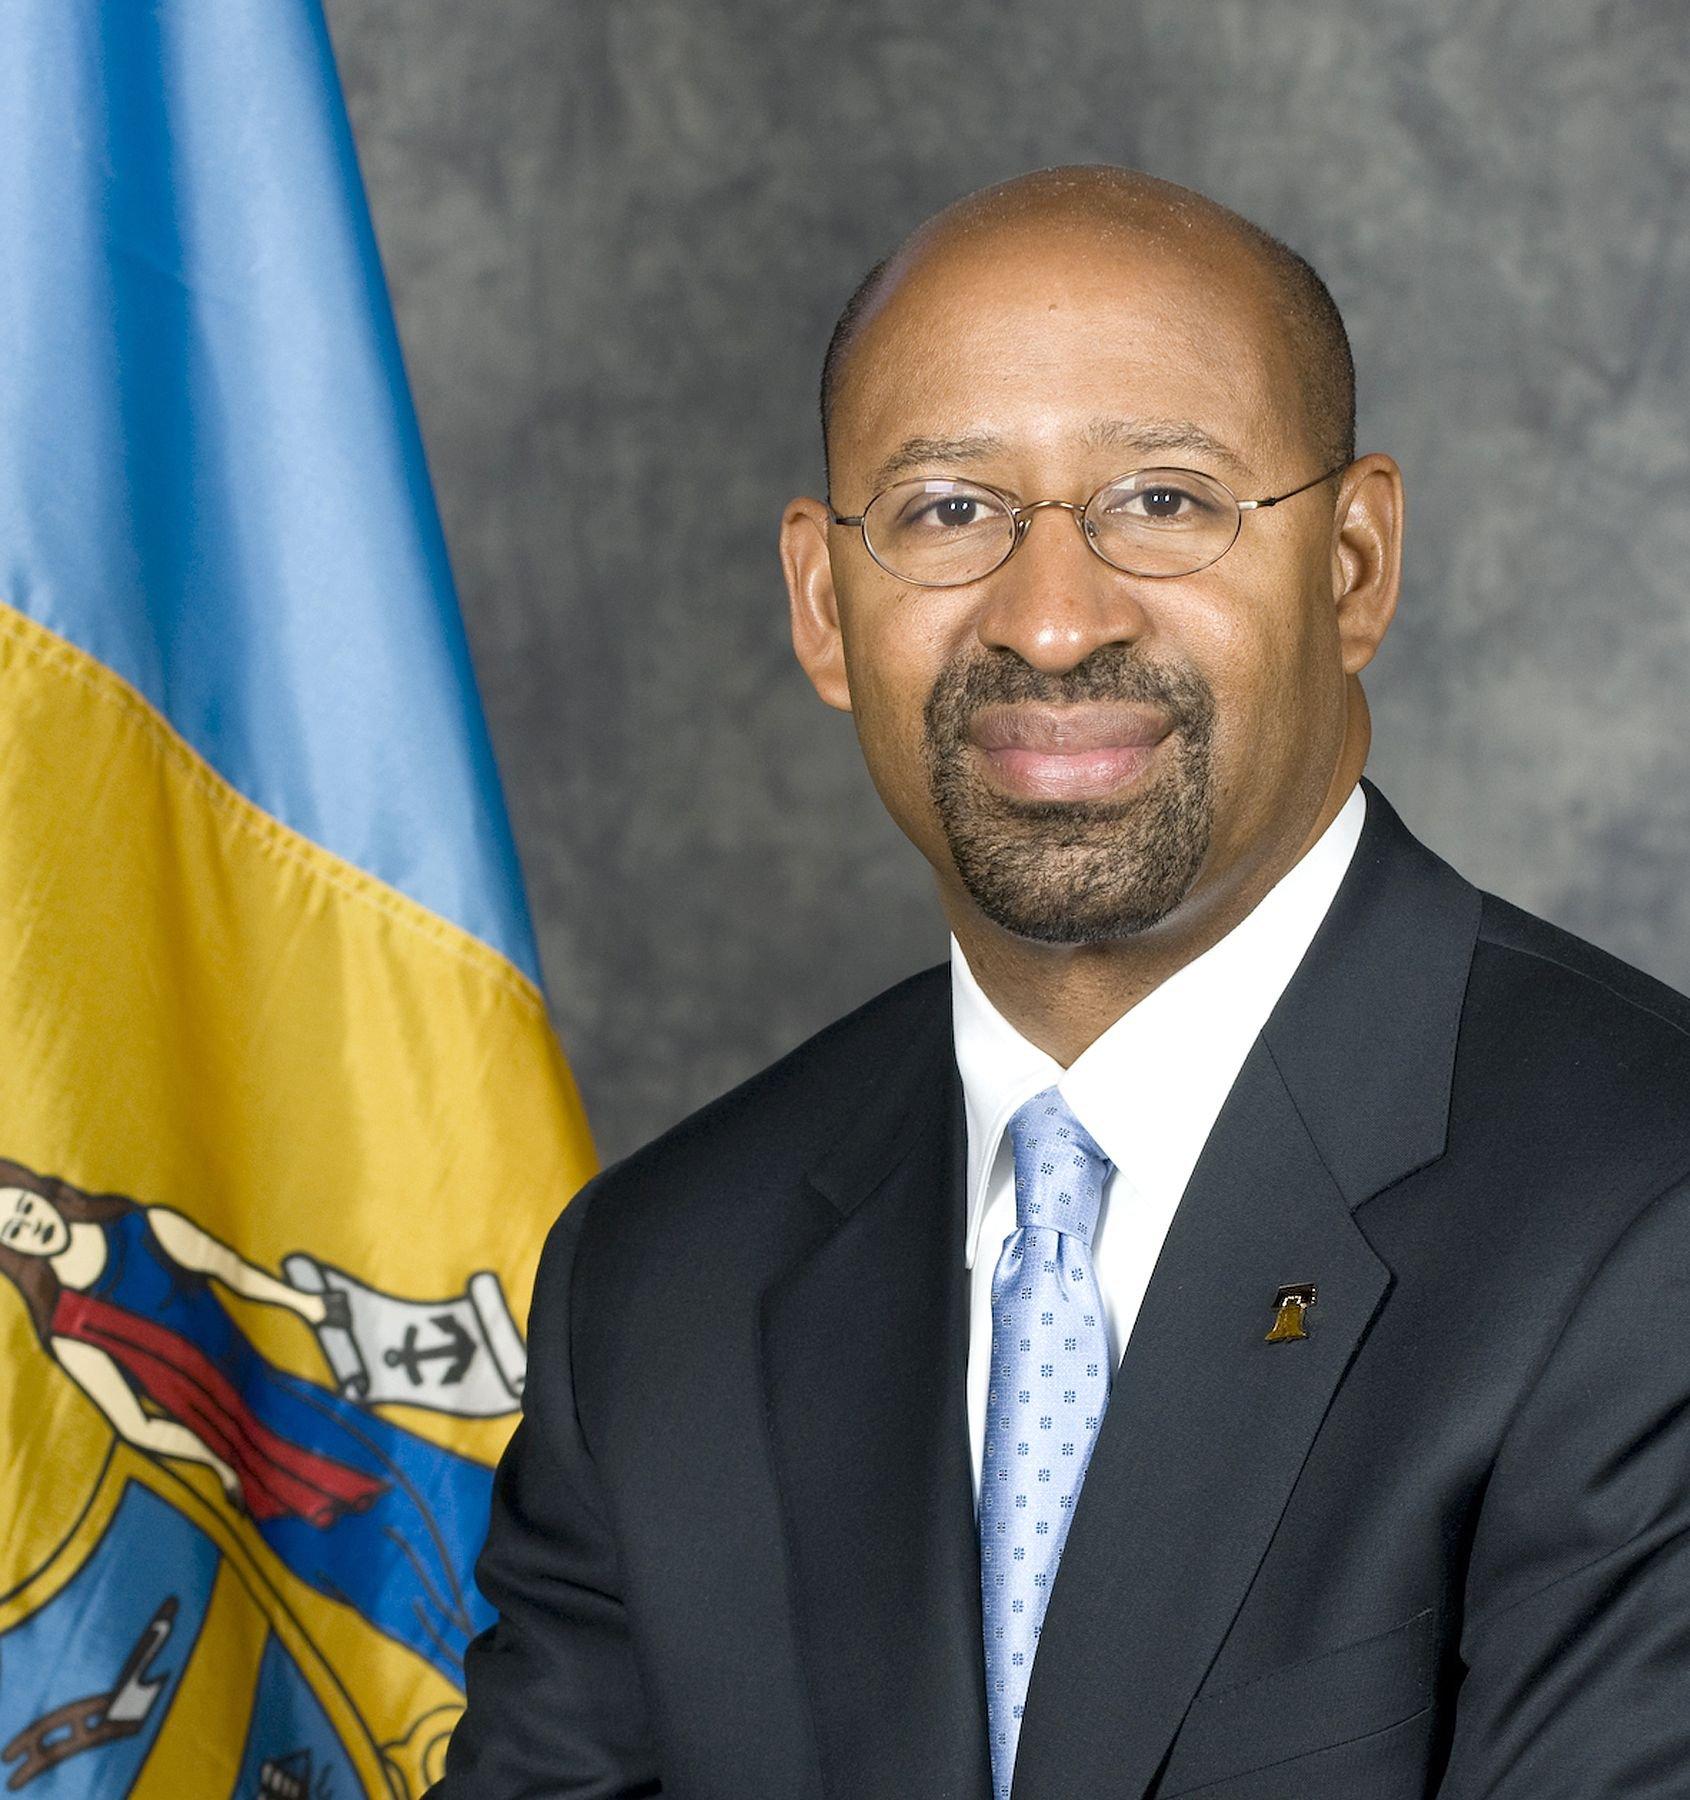 Philadelphia Mayor Michael A. Nutter